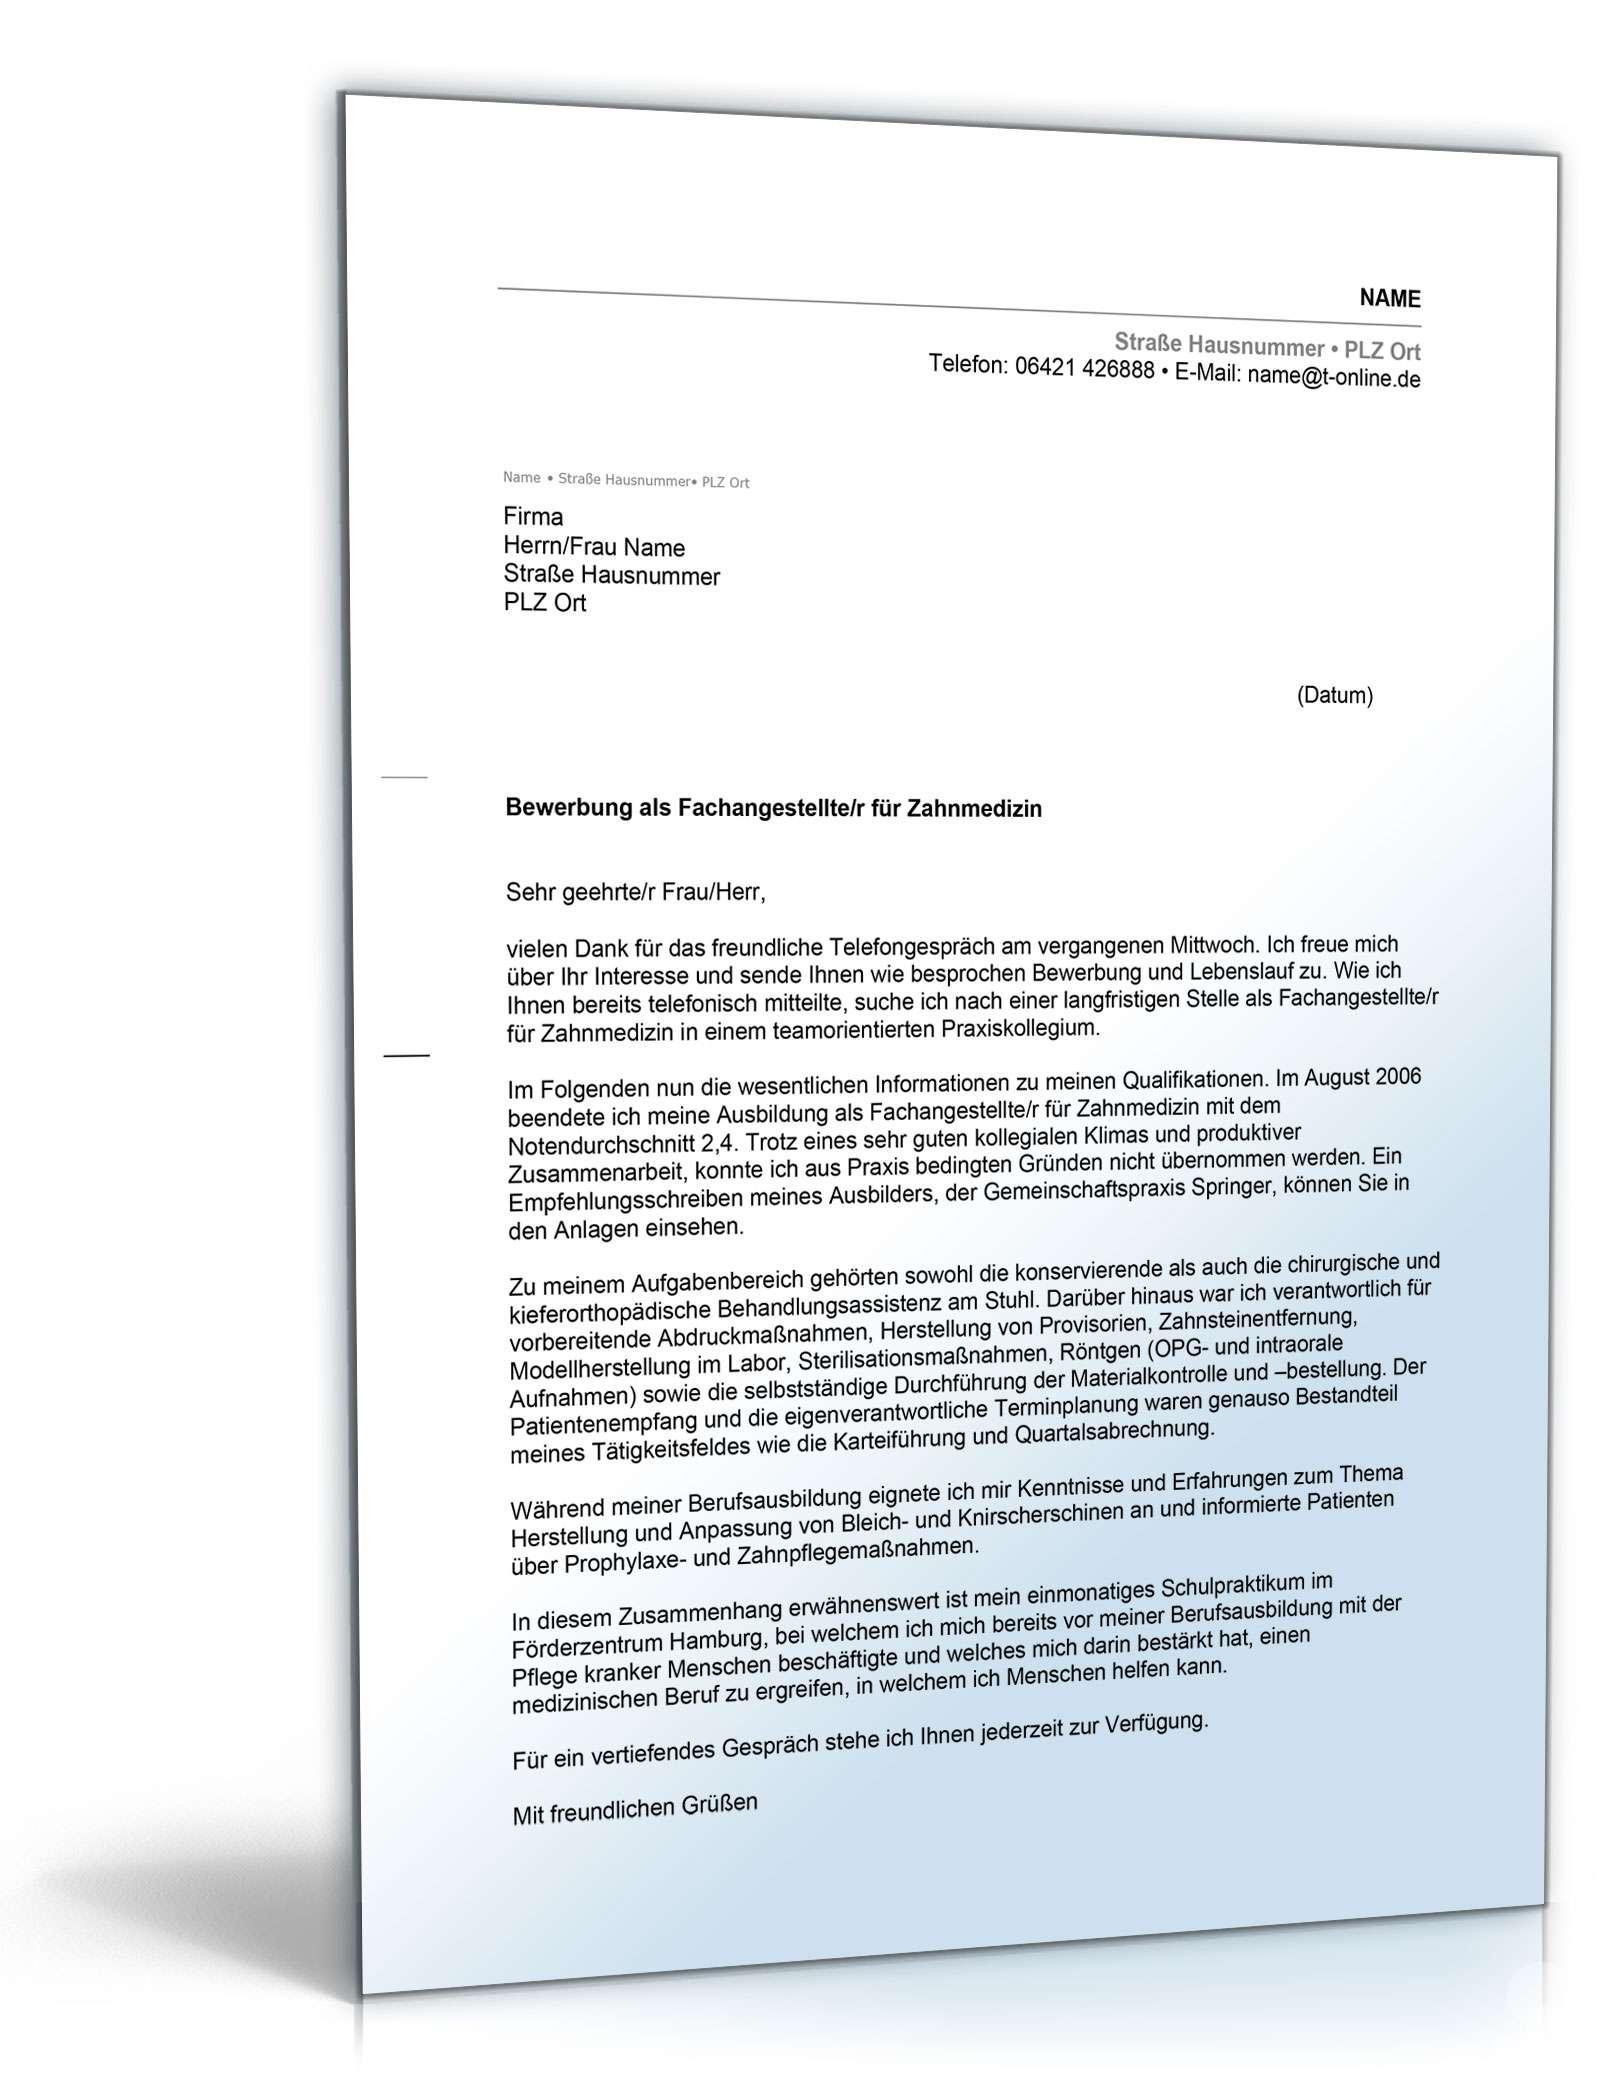 Anschreiben Bewerbung Berufseinsteiger | Vorlage zum Download